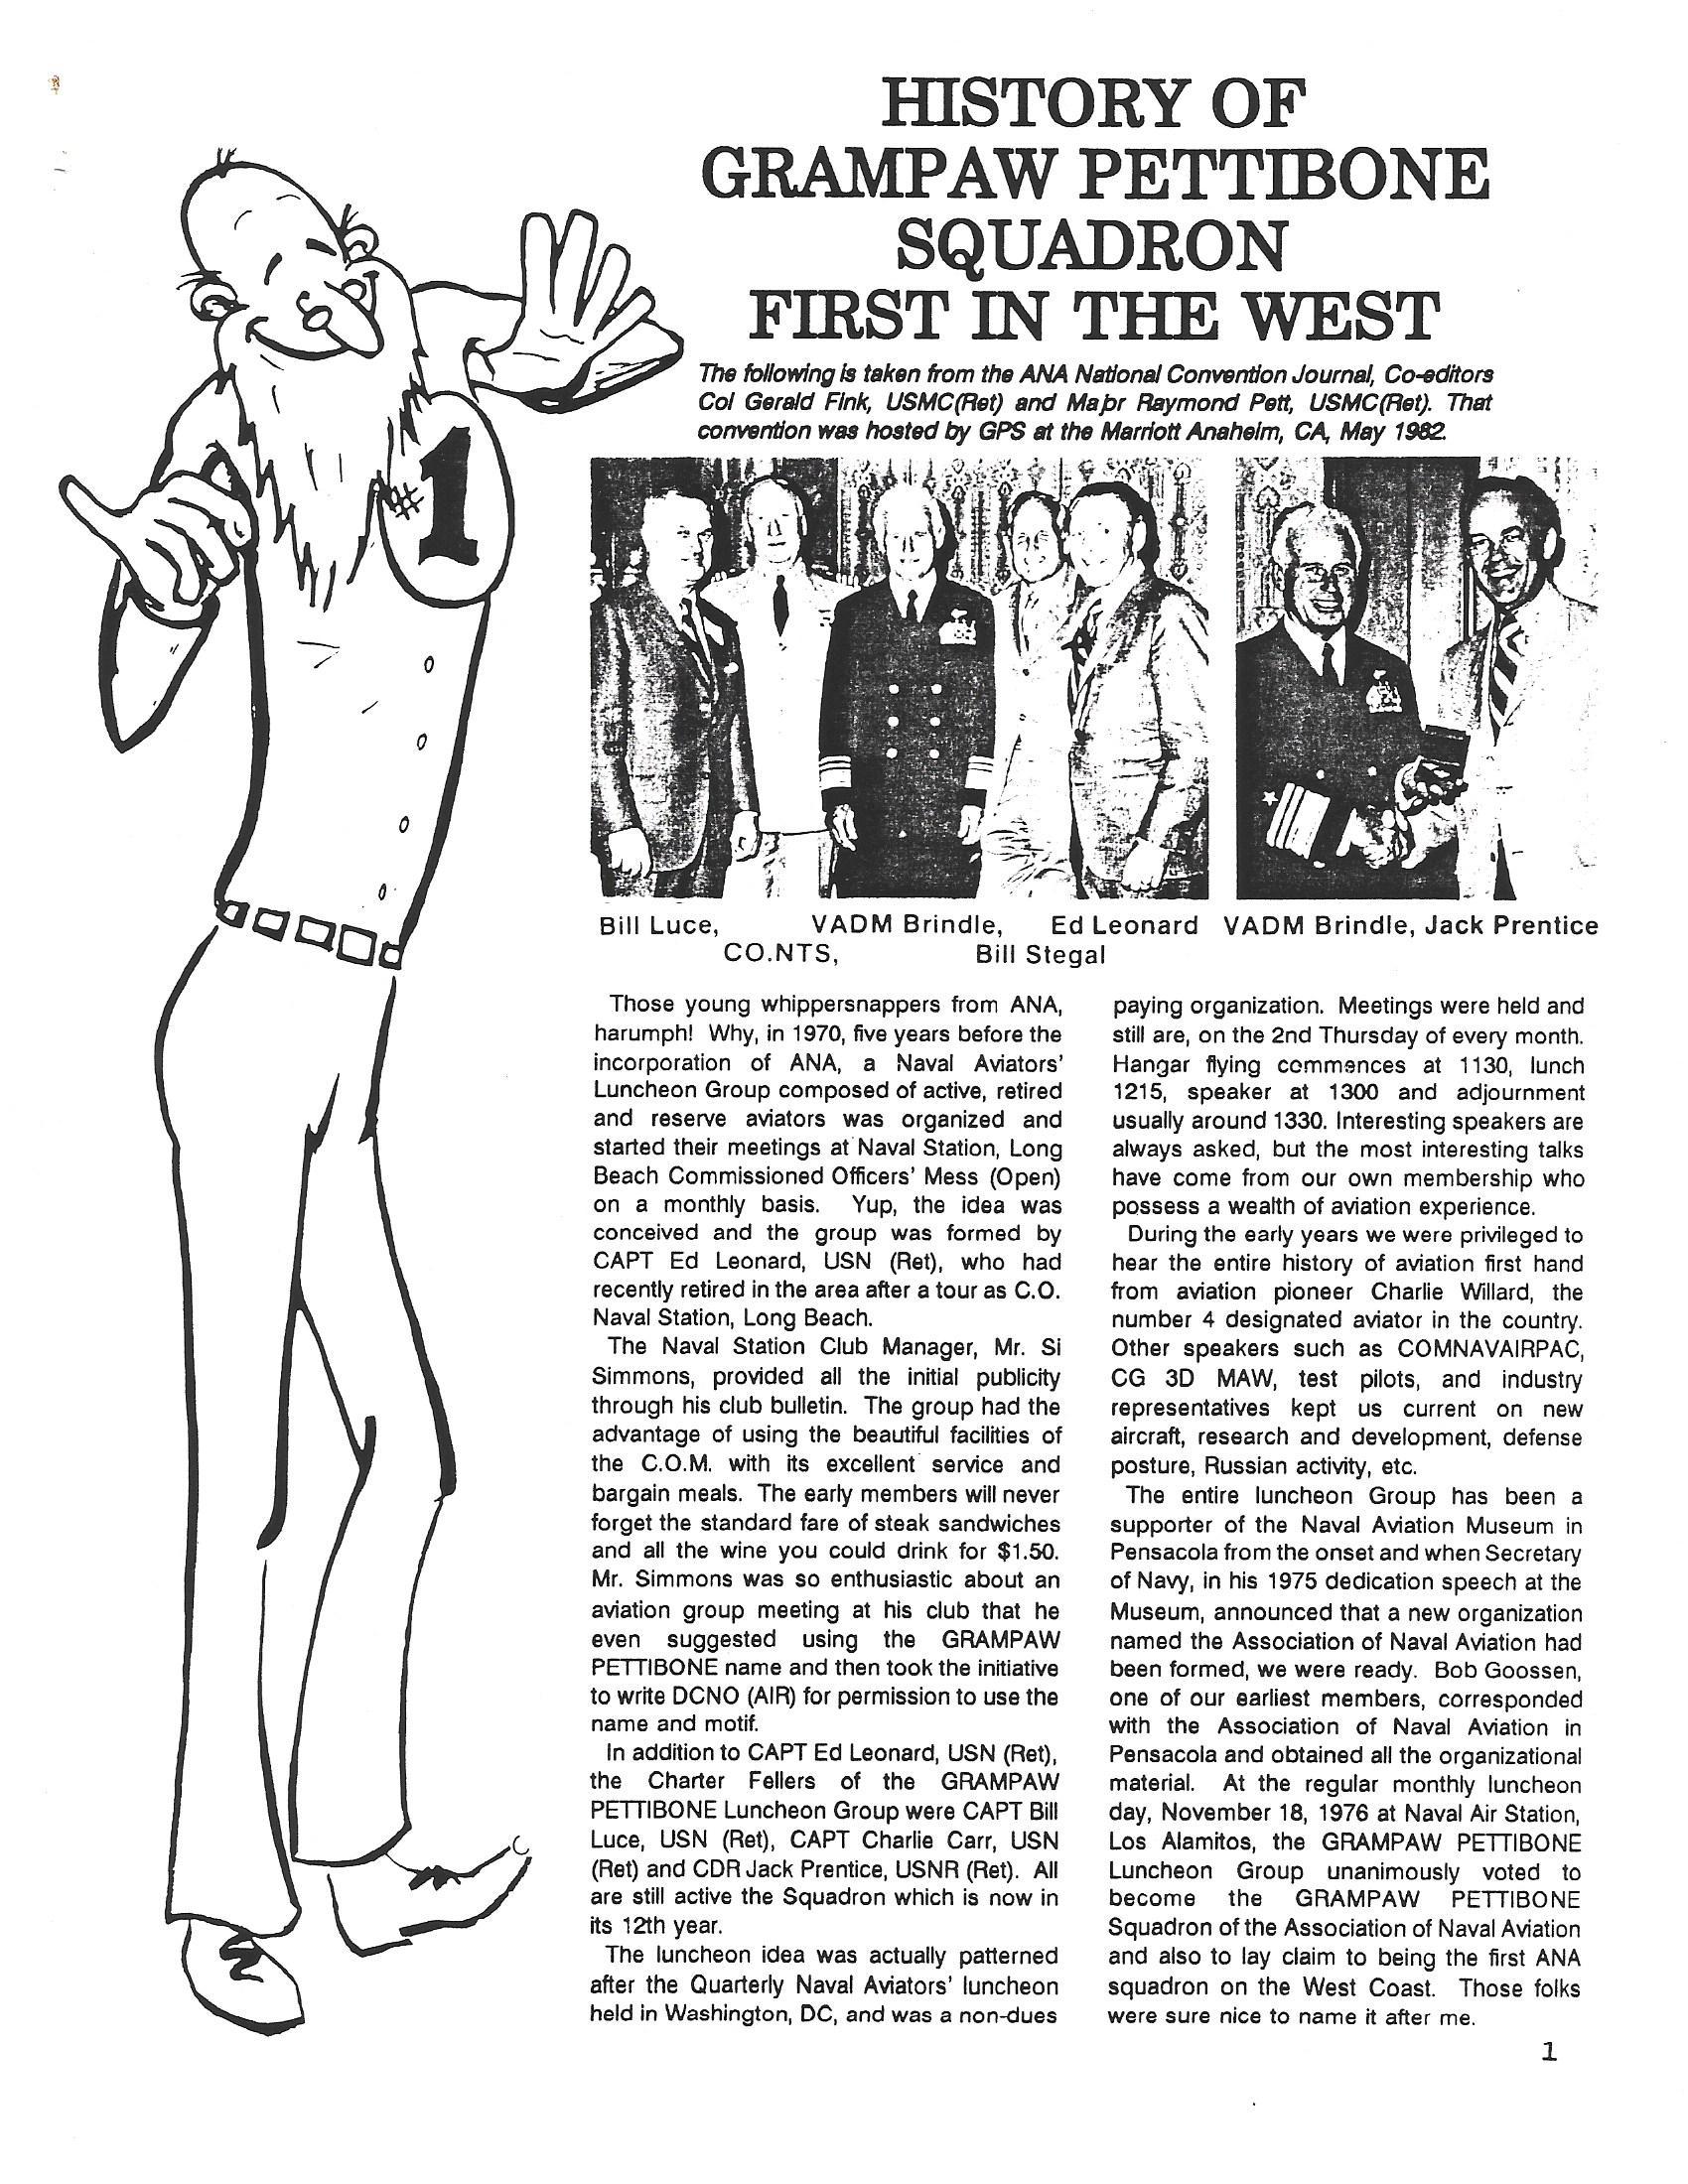 HistoryGPS1975_Page_2